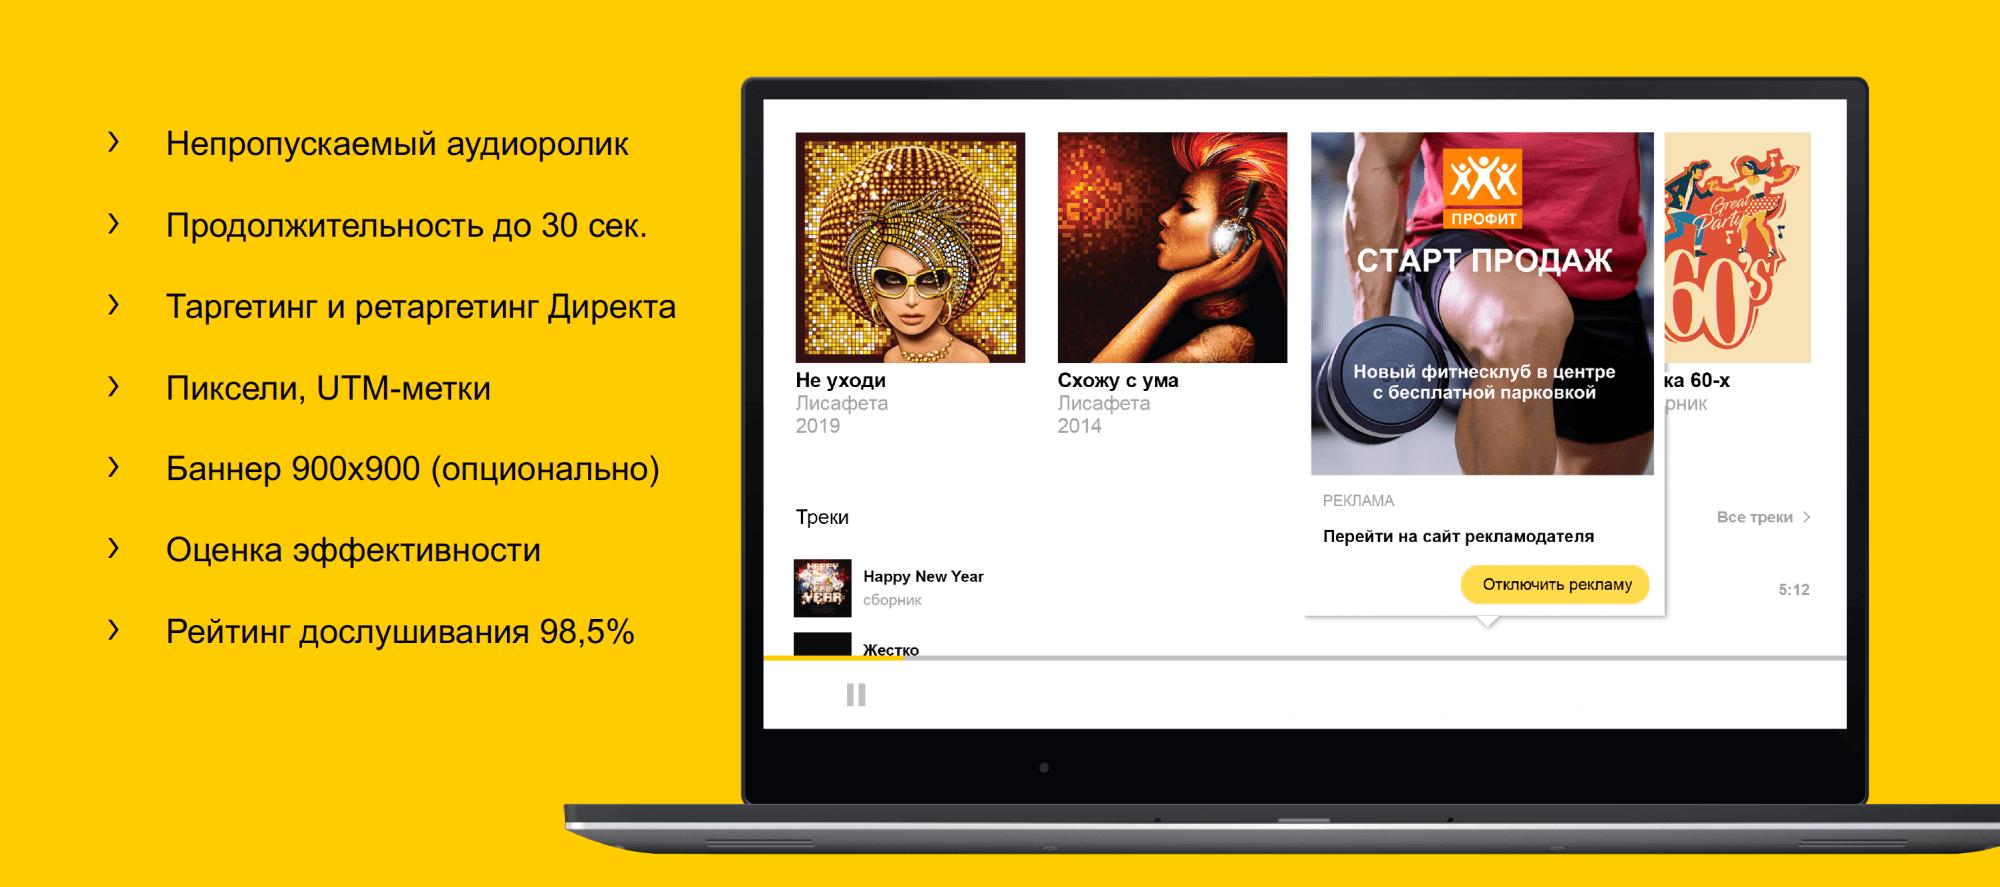 В Яндекс.Директе появилась возможность покупки аудиорекламы